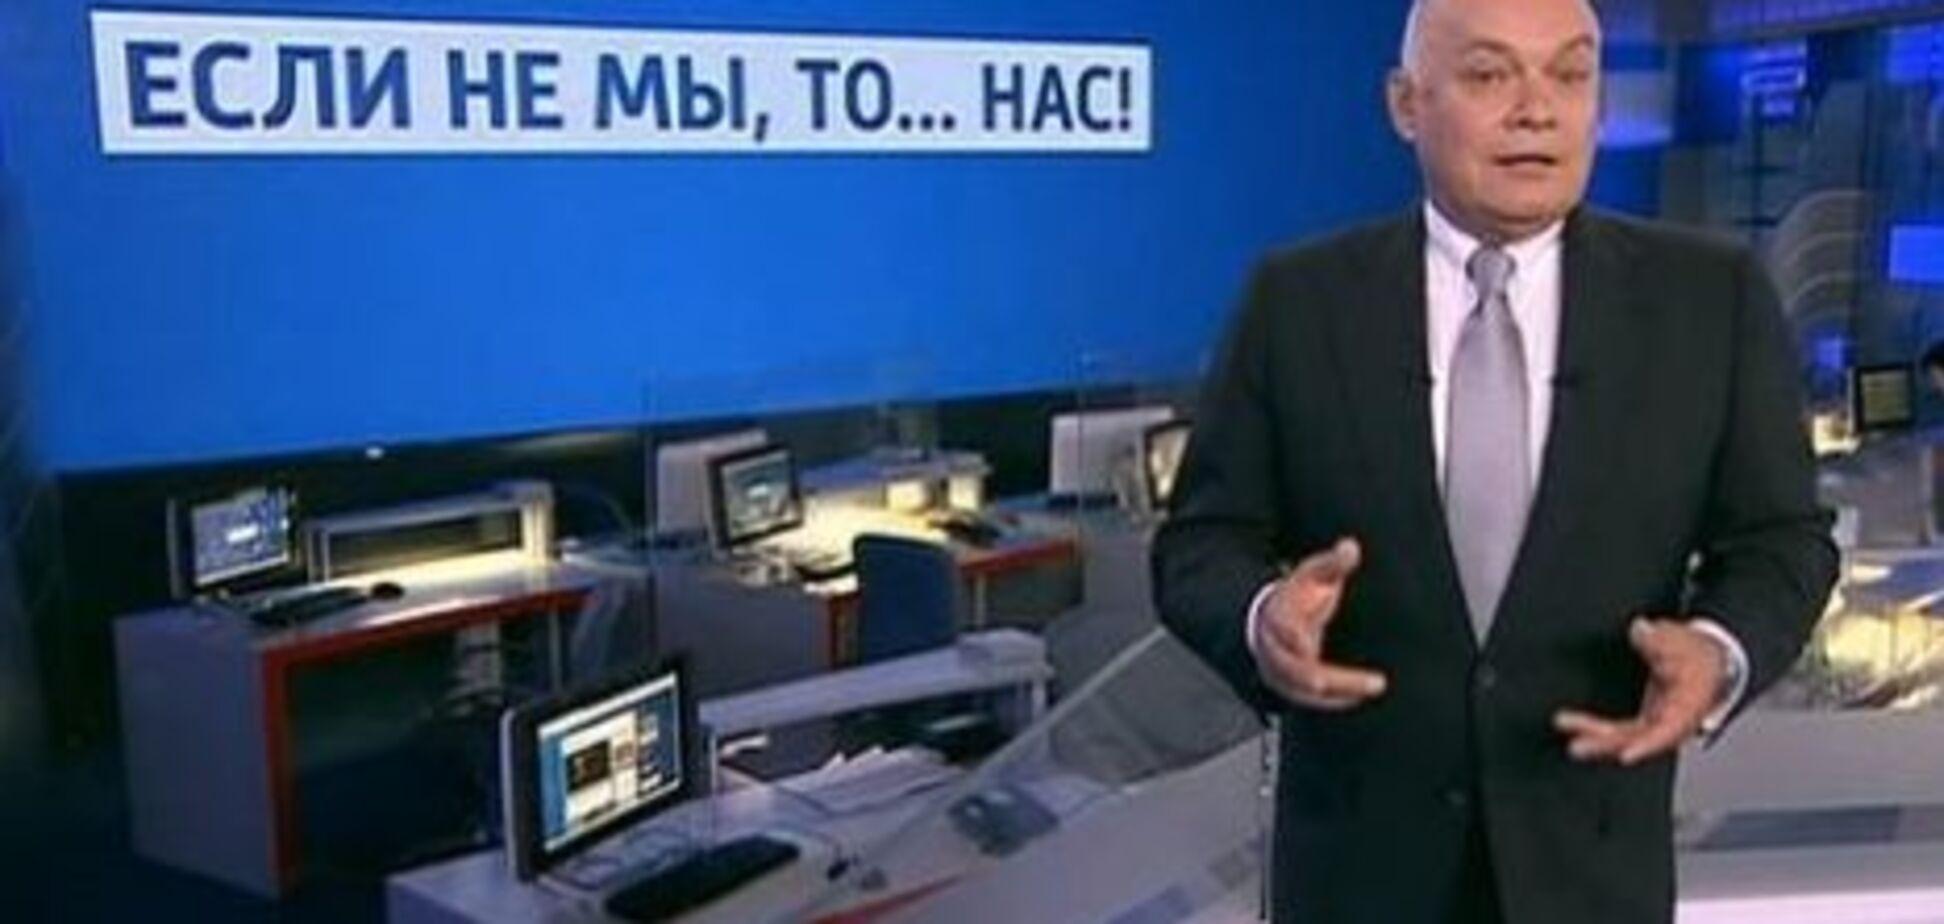 Фейки Кремля: Україна - перевалочна база для сотень терористів